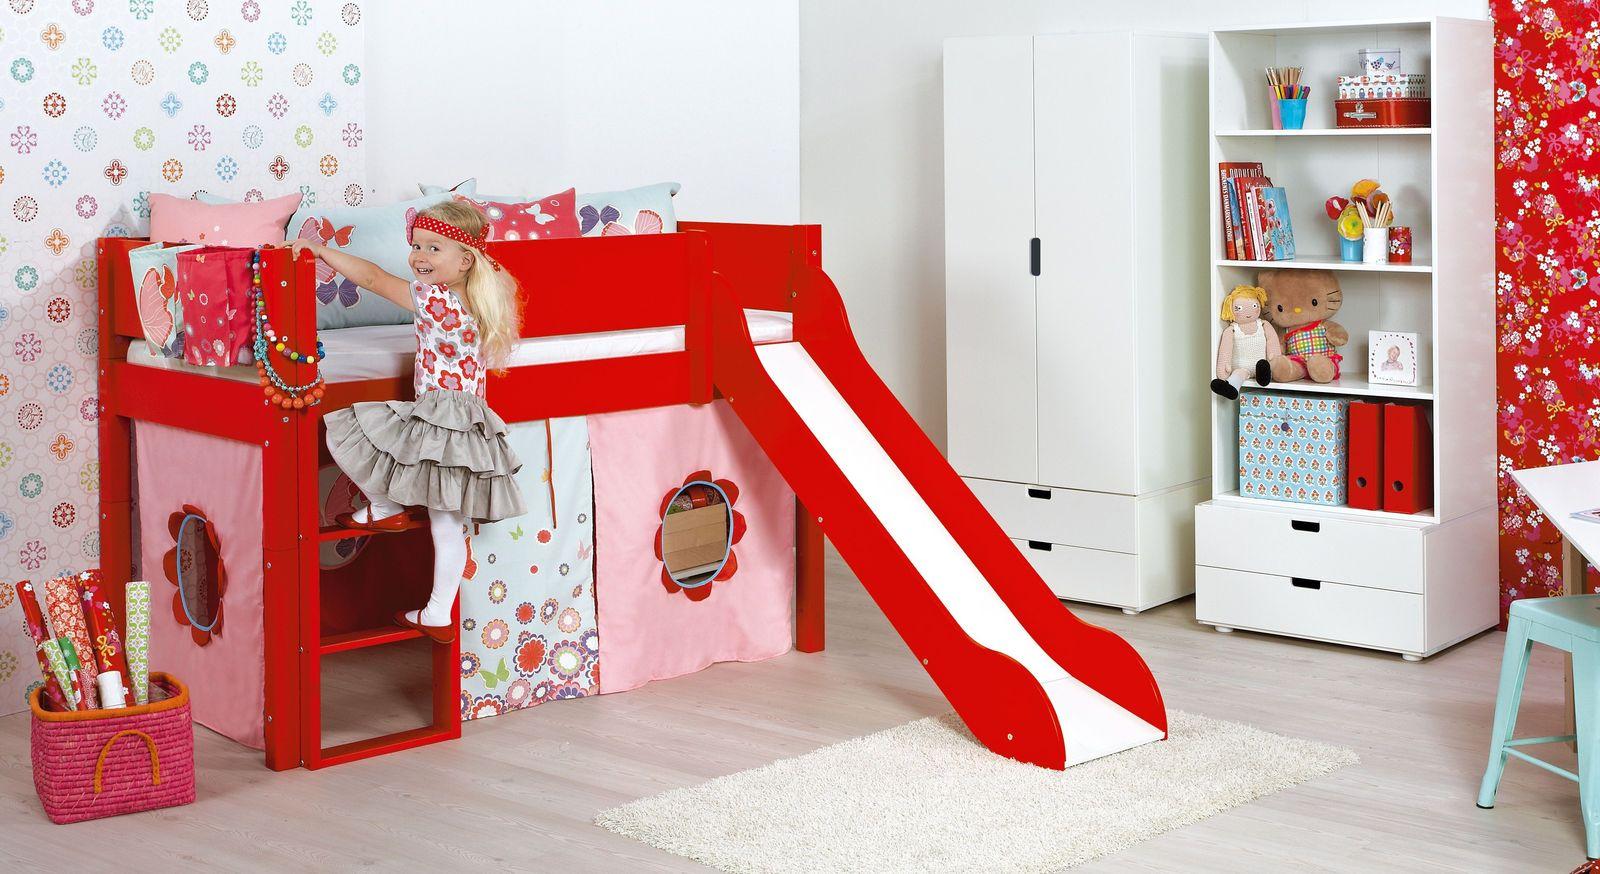 Mini-Rutschen-Hochbett Kids Town Color in Rot als Blickfang